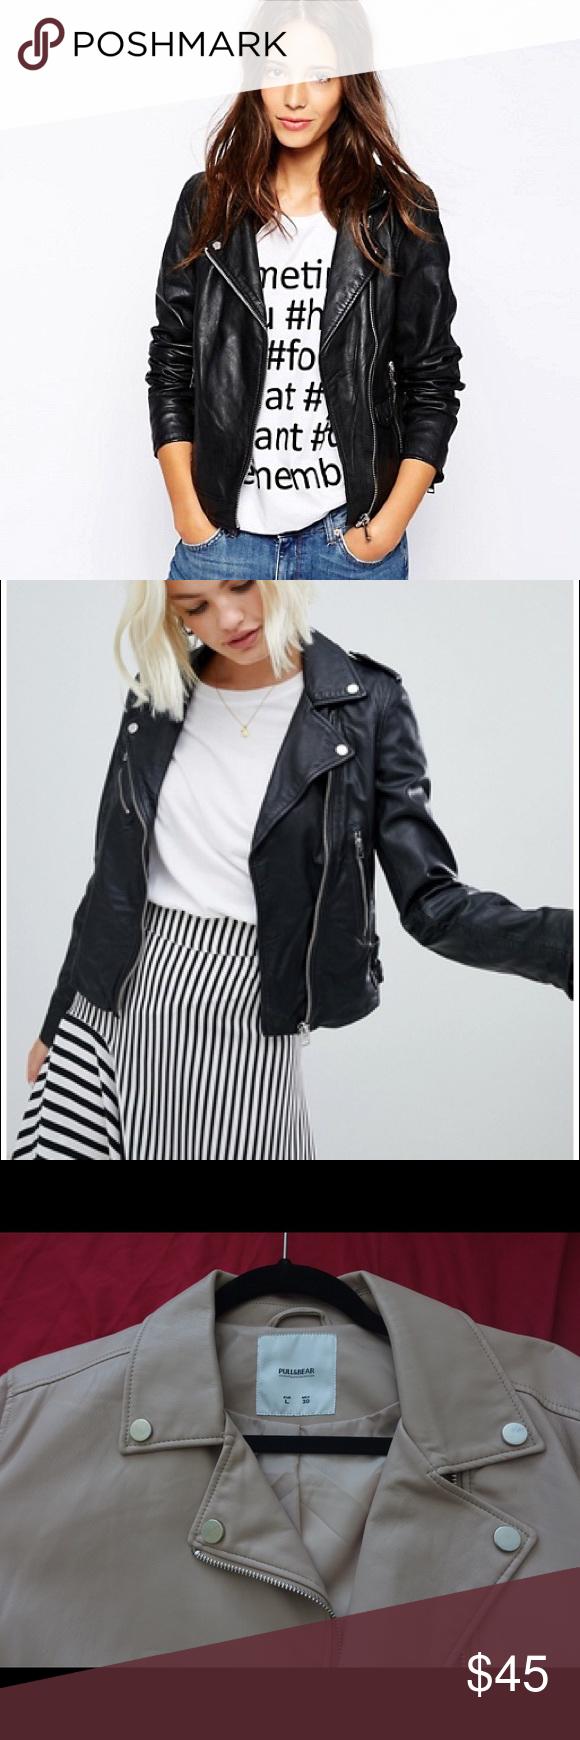 Faux leather biker jacket in creampink, NWOT Faux